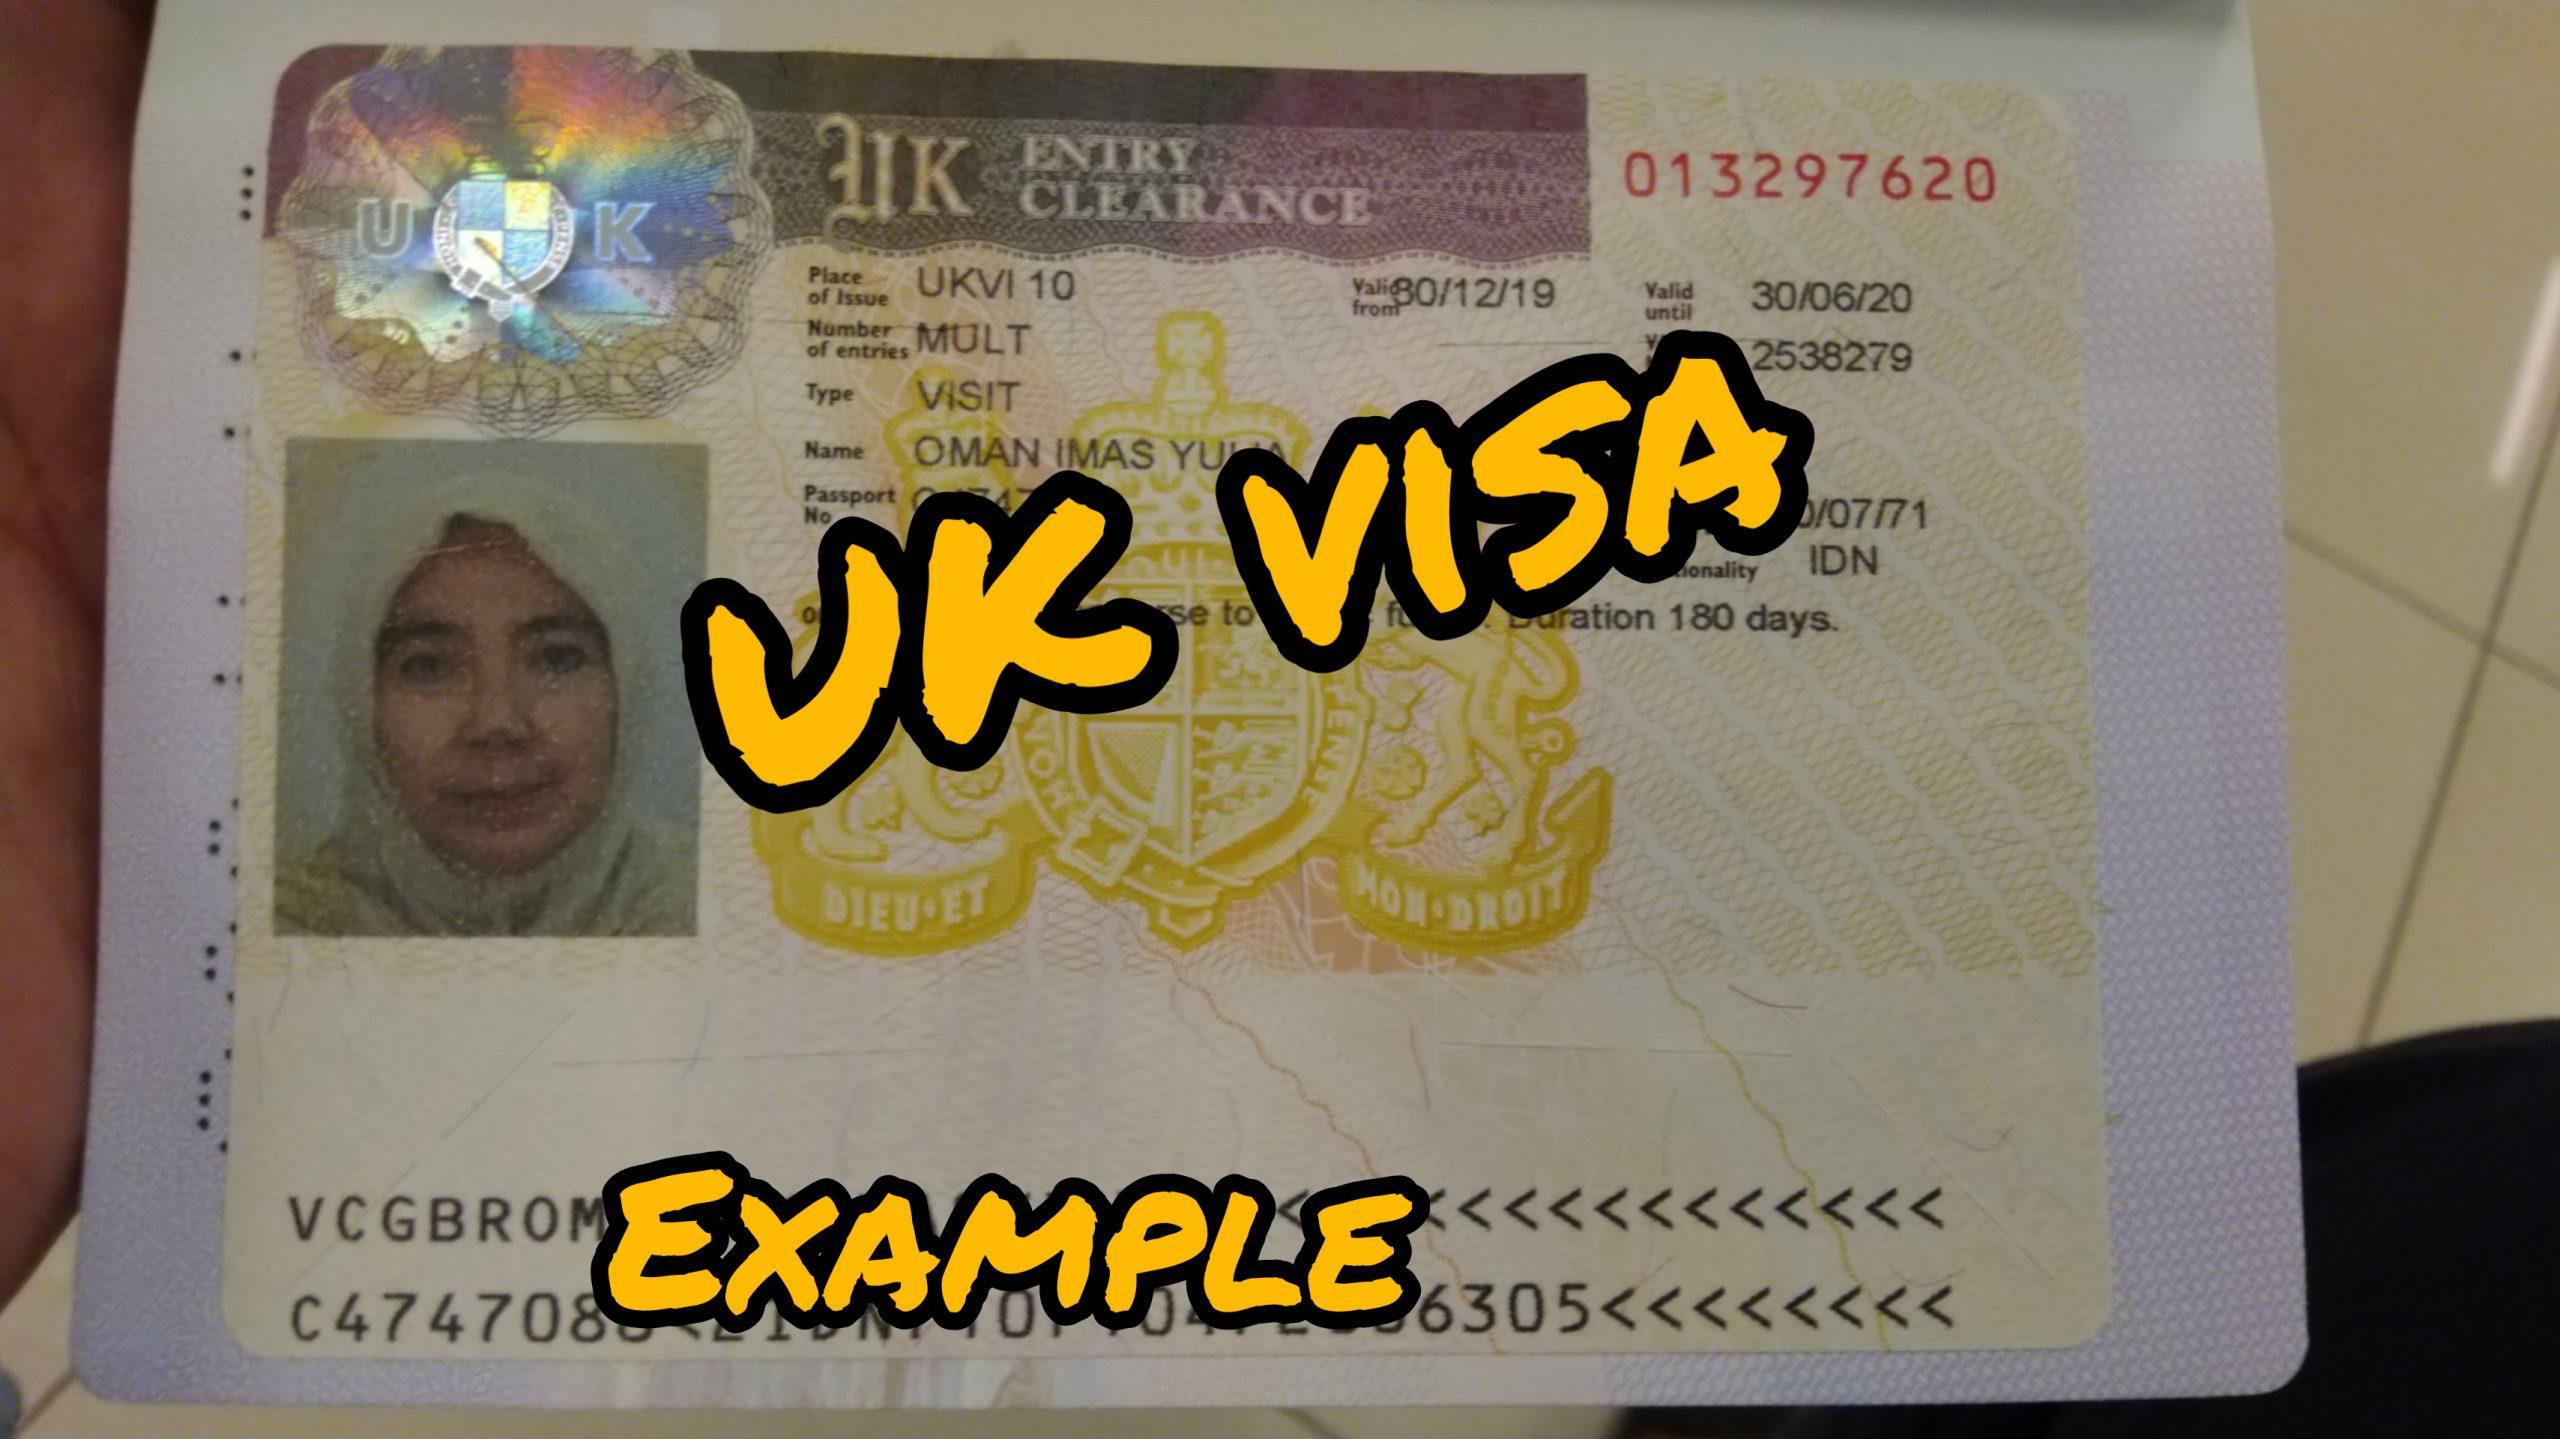 Pengalaman Mengajukan Visa UK di VFS Global Kuningan